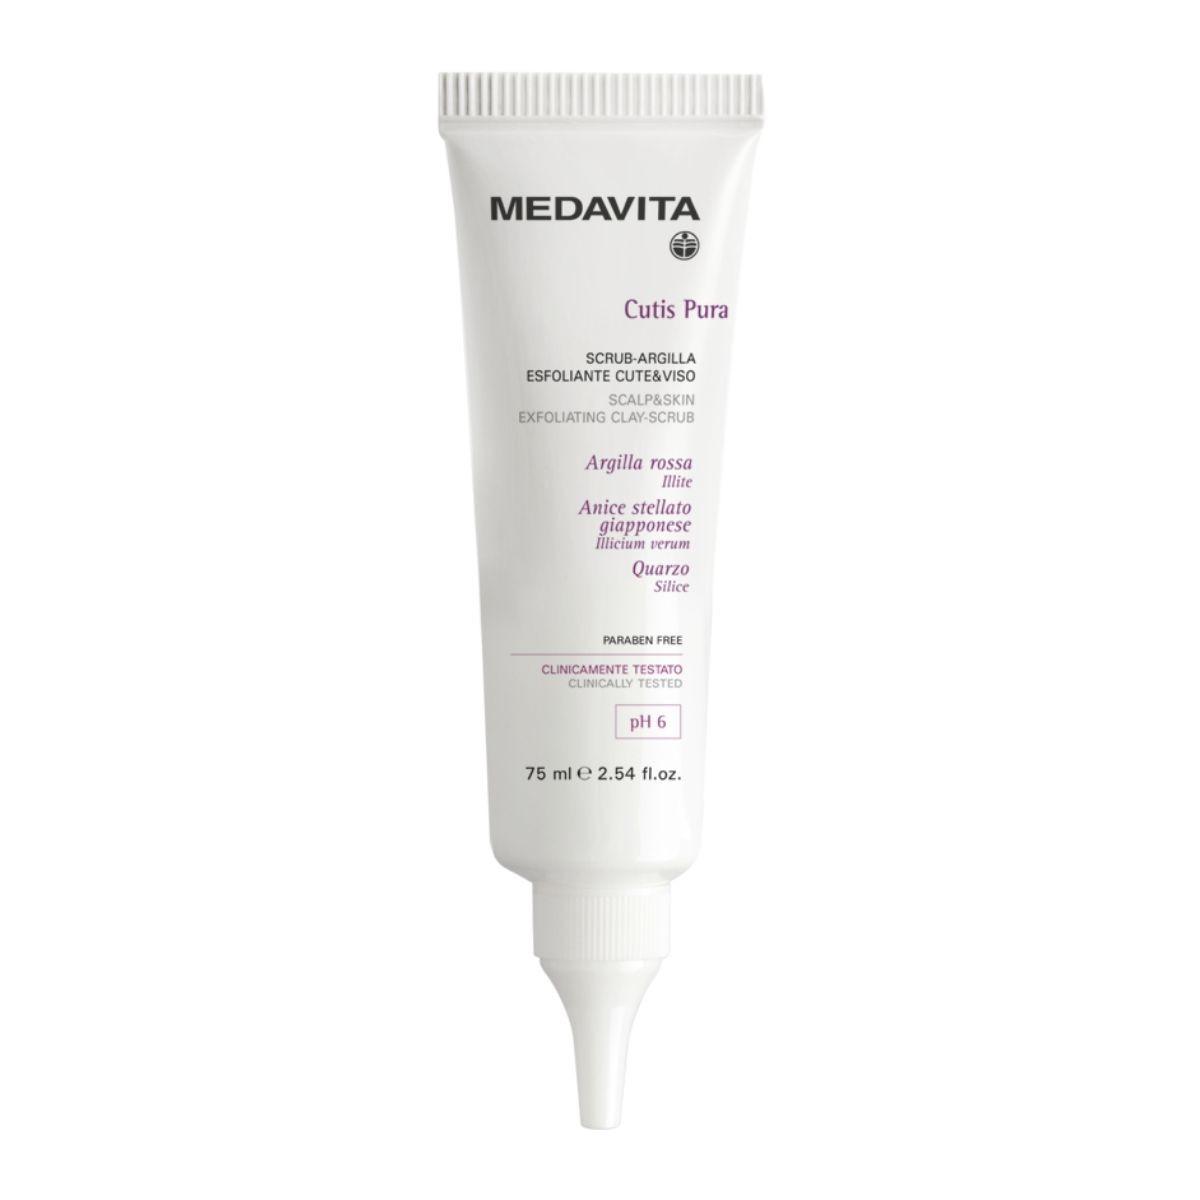 MEDAVITA Cutis Pura Scrub-Argilla 75ml - Trychologiczny peeling do skóry głowy